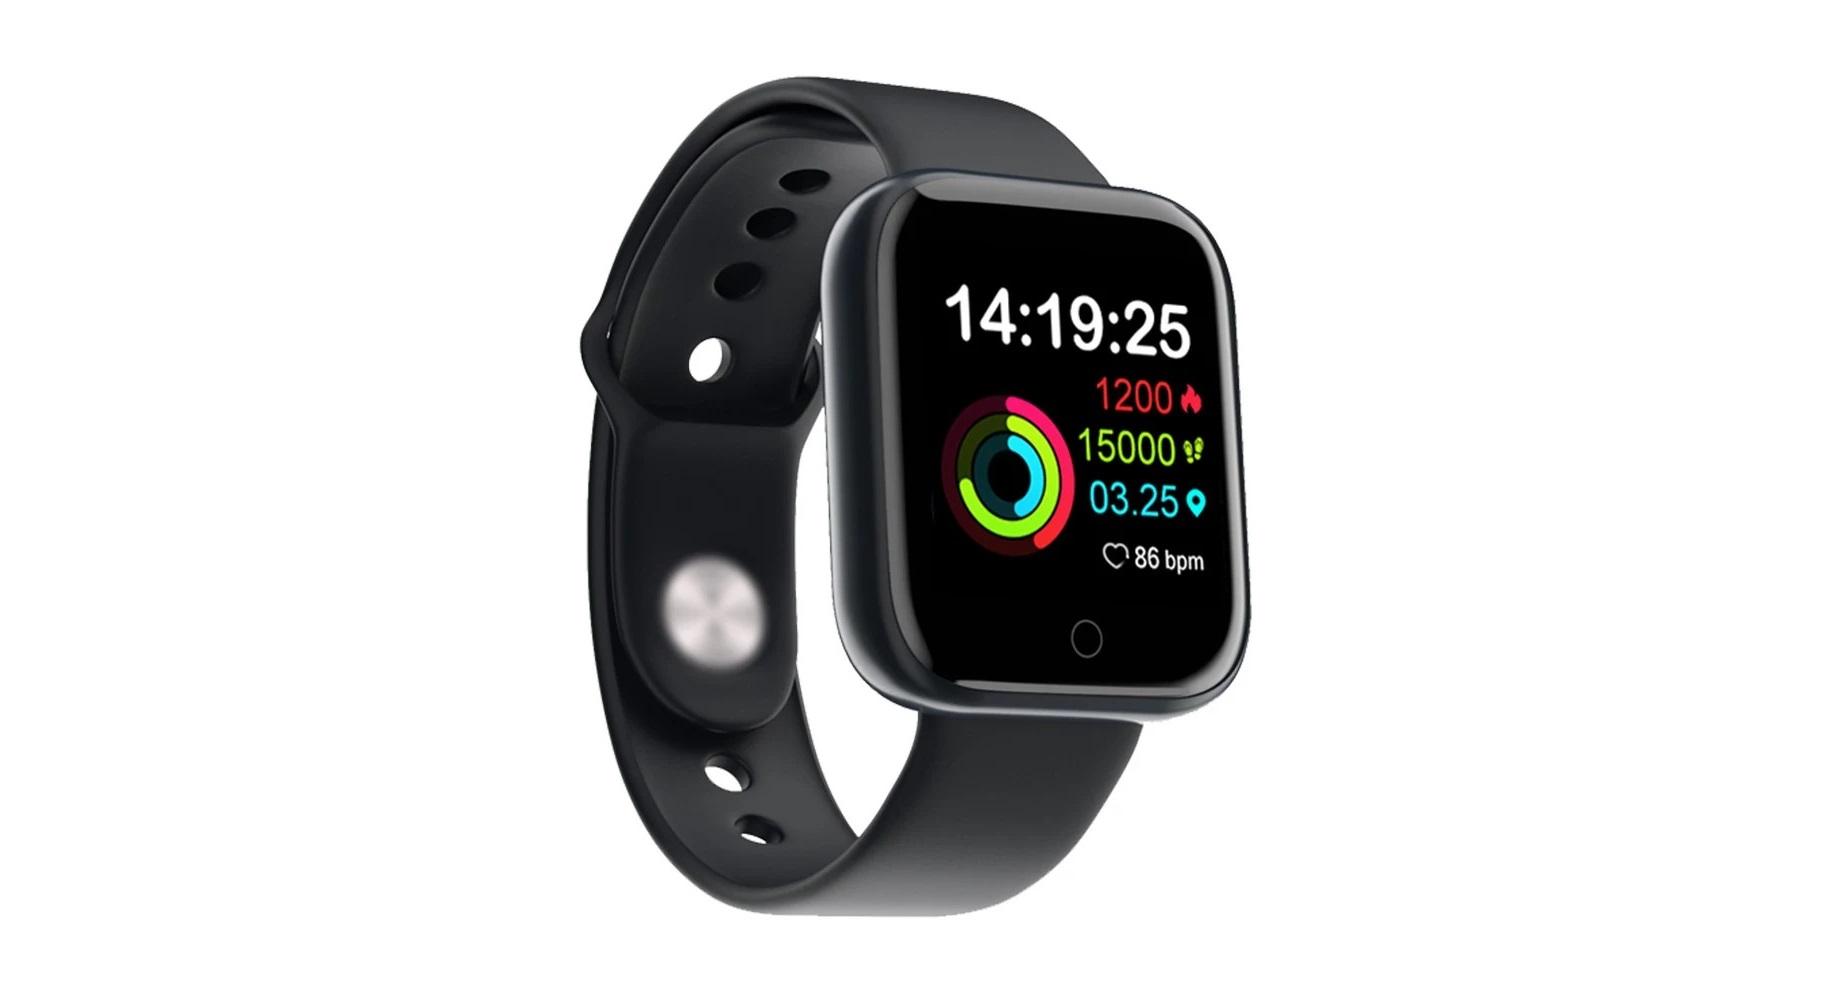 Chytré hodinky za 300 Kč, co měří tep a jsou navíc voděodolné! [sponzorovaný článek]